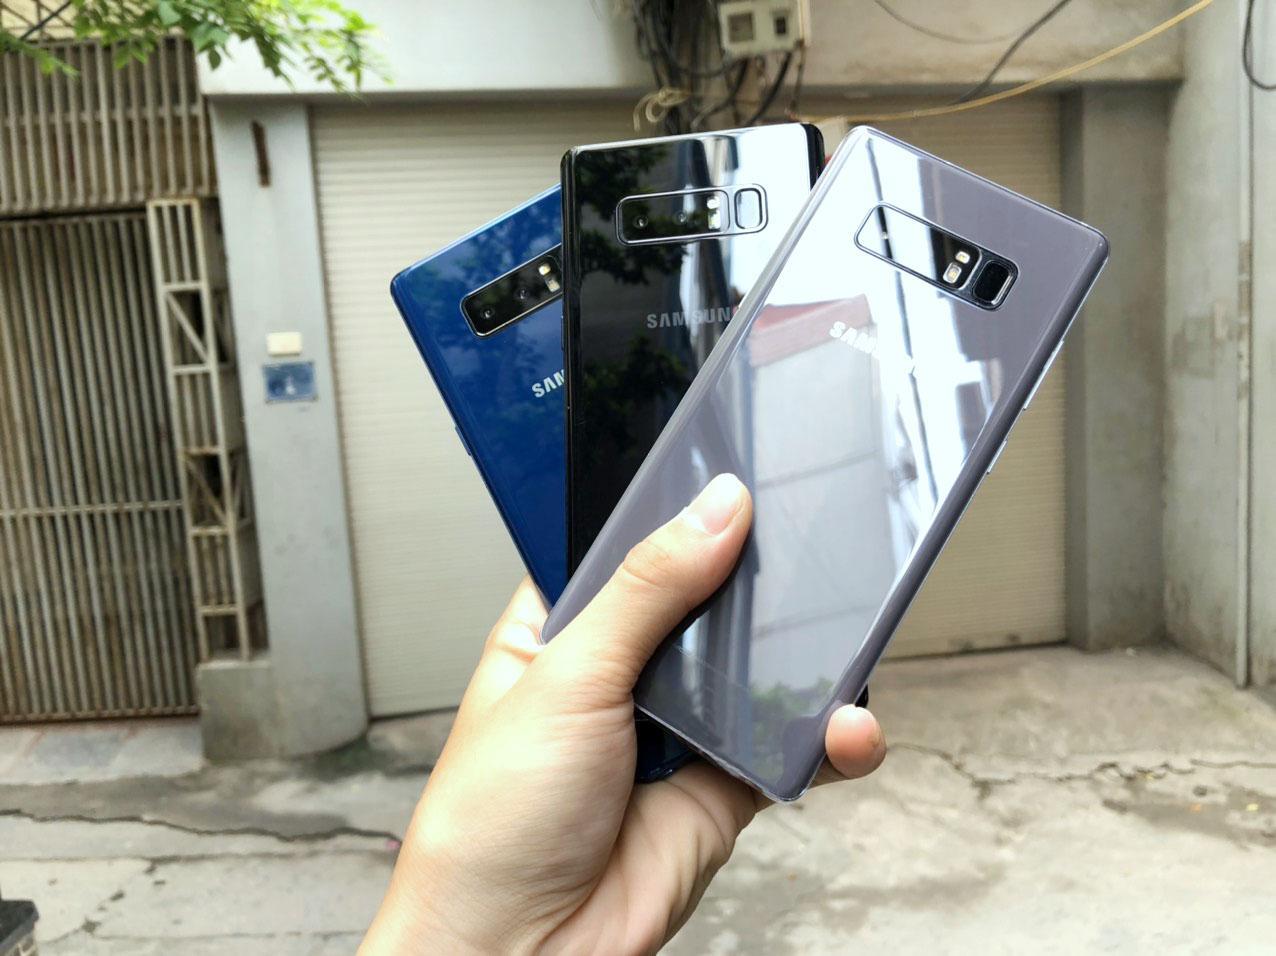 Cơ Hội Giá Tốt Để Sở Hữu Điện Thoại Samsung Galaxy Note 8 - Zin100% - Tặng Sạc Cáp Và Que Chọc Sim